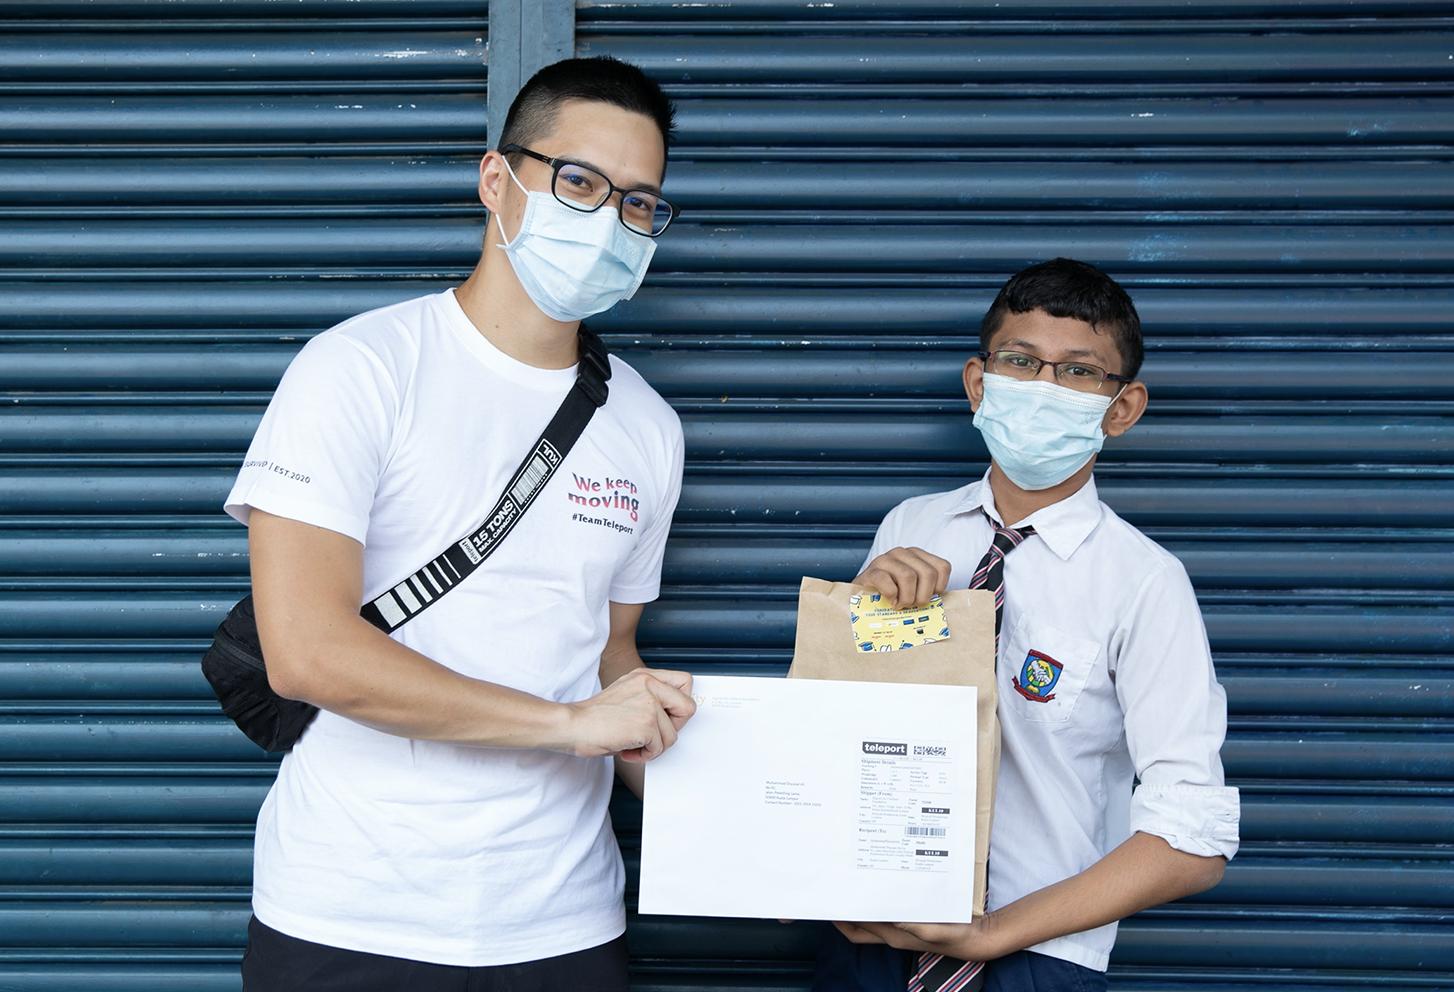 Teleport AirAsia membuat penghantaran khas kepada Graduan Dignity